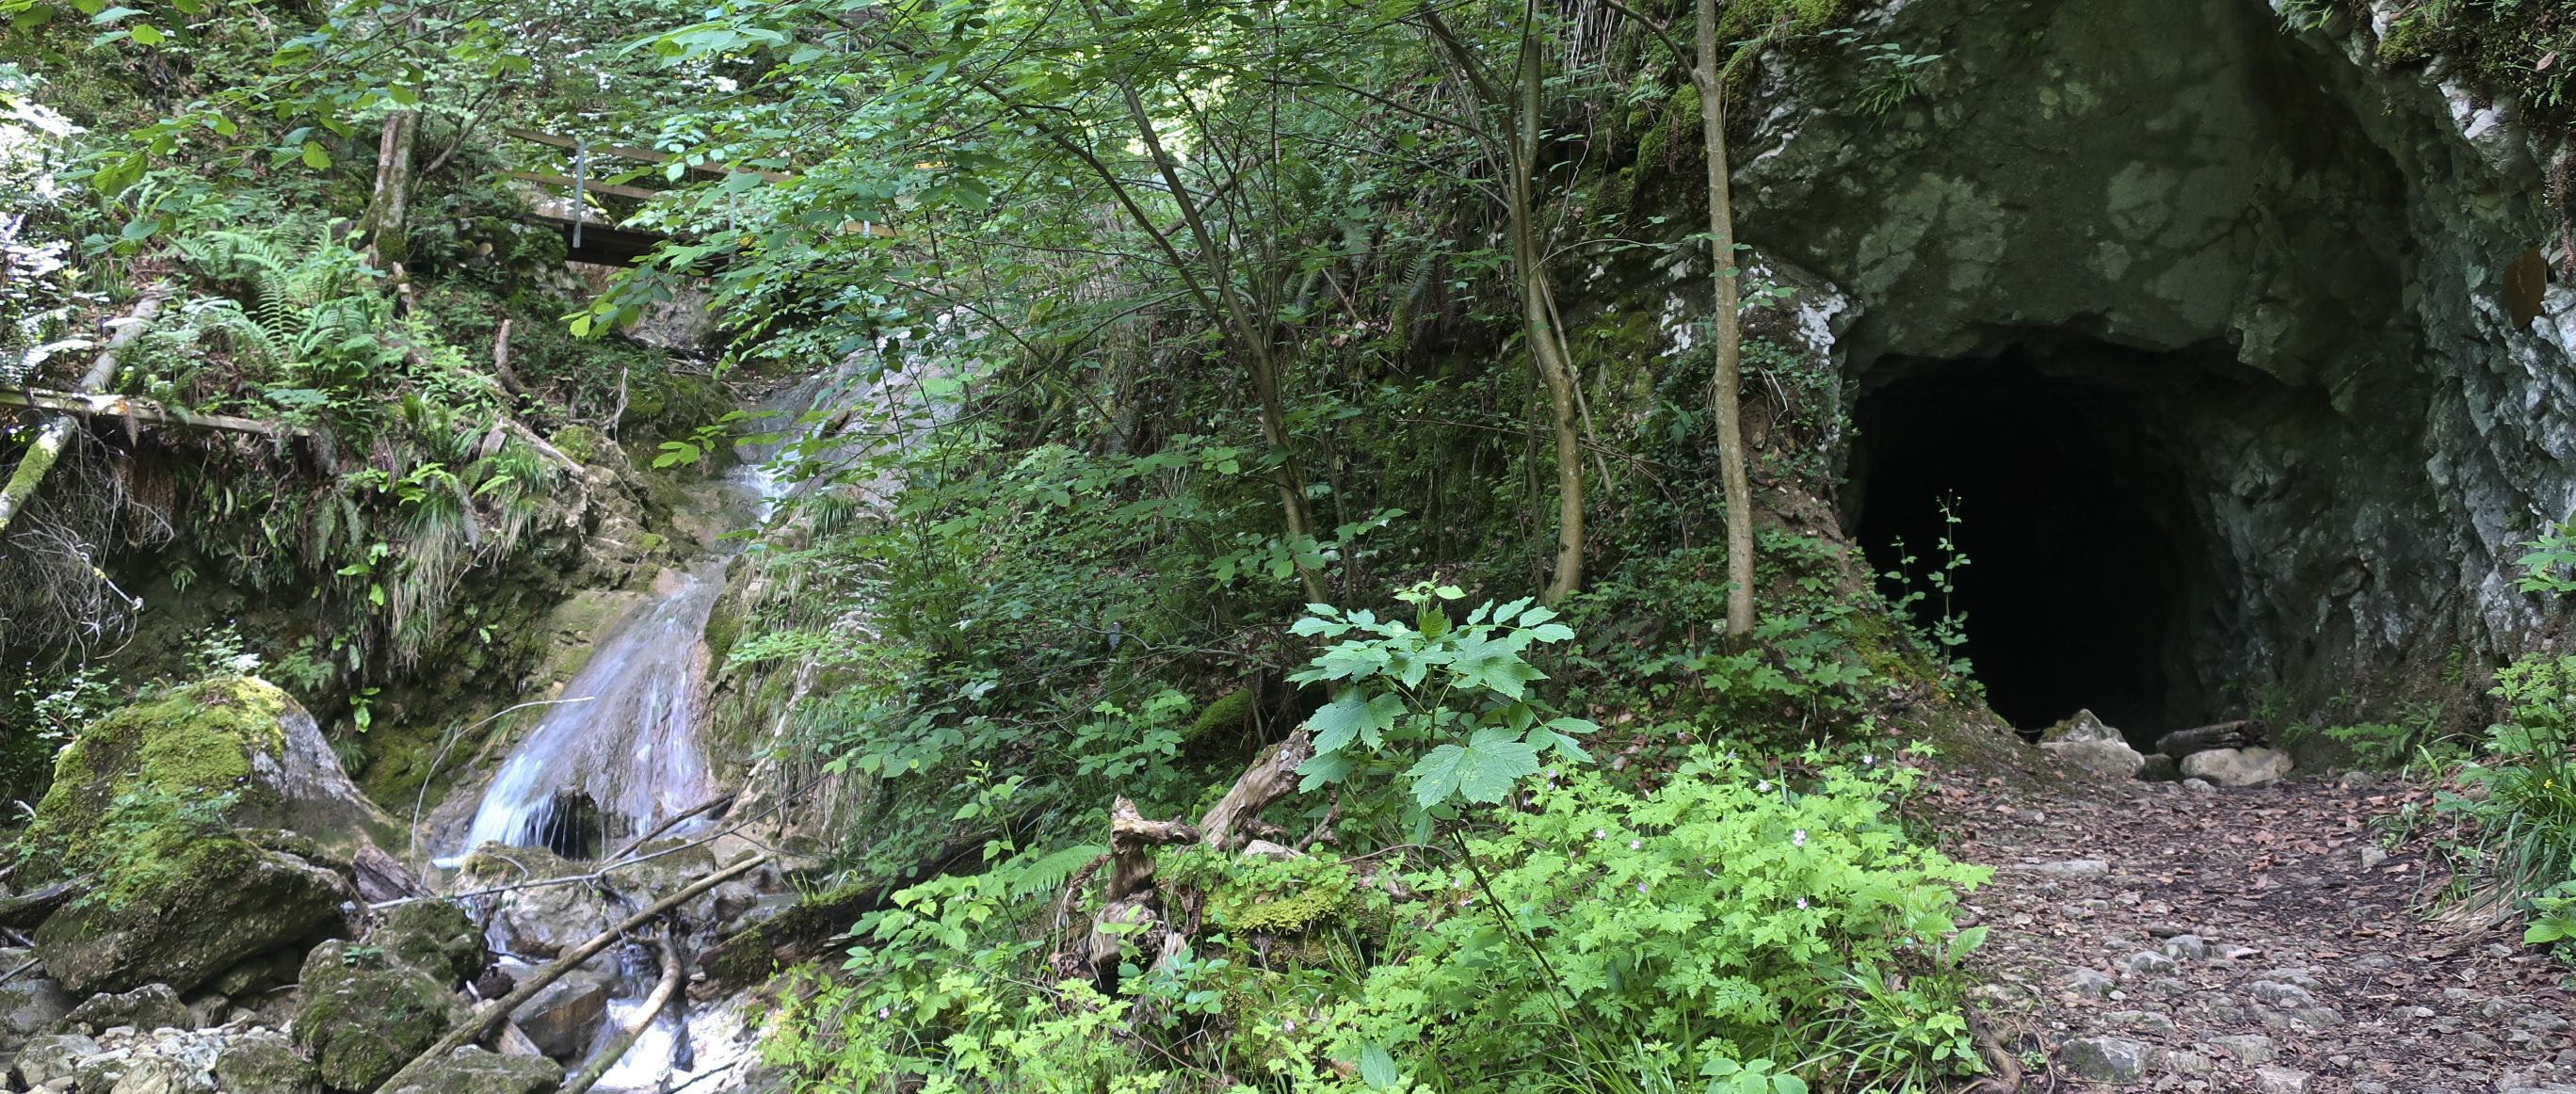 Jägerweg-Wasserfallen